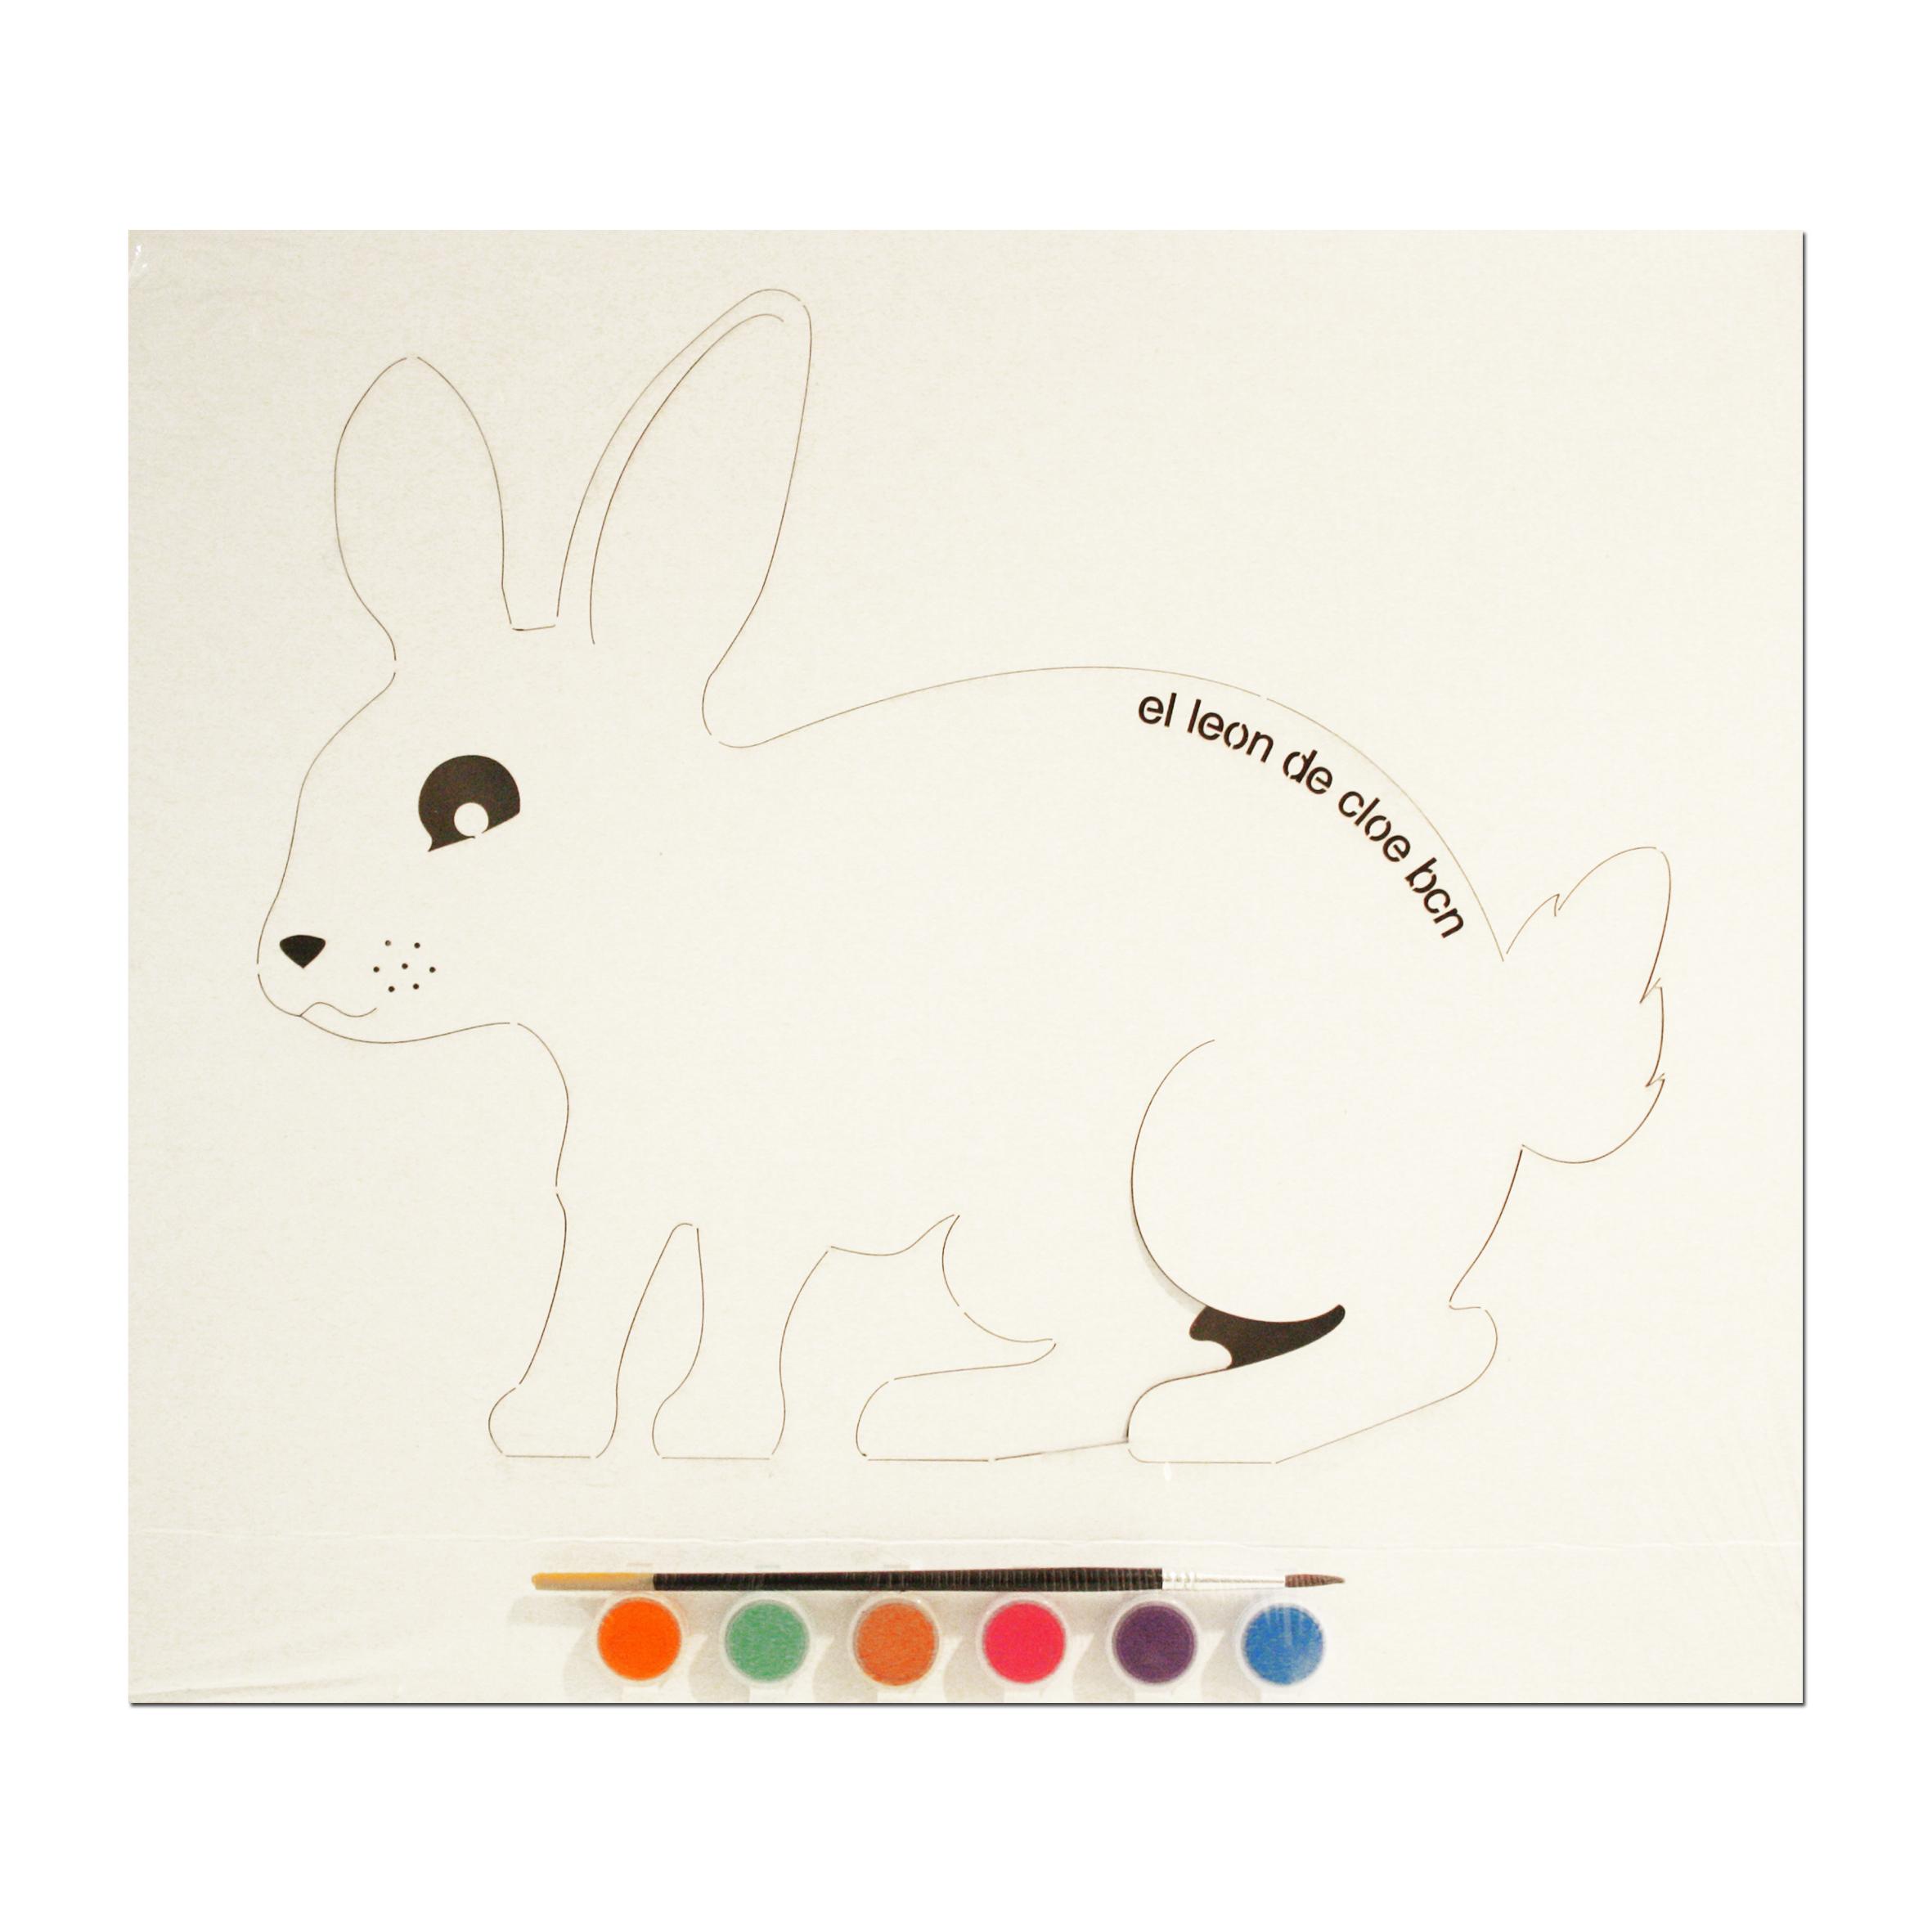 Kit de pintar Conejo del León de Cloe. El regalo perfecto para cualquier niño.